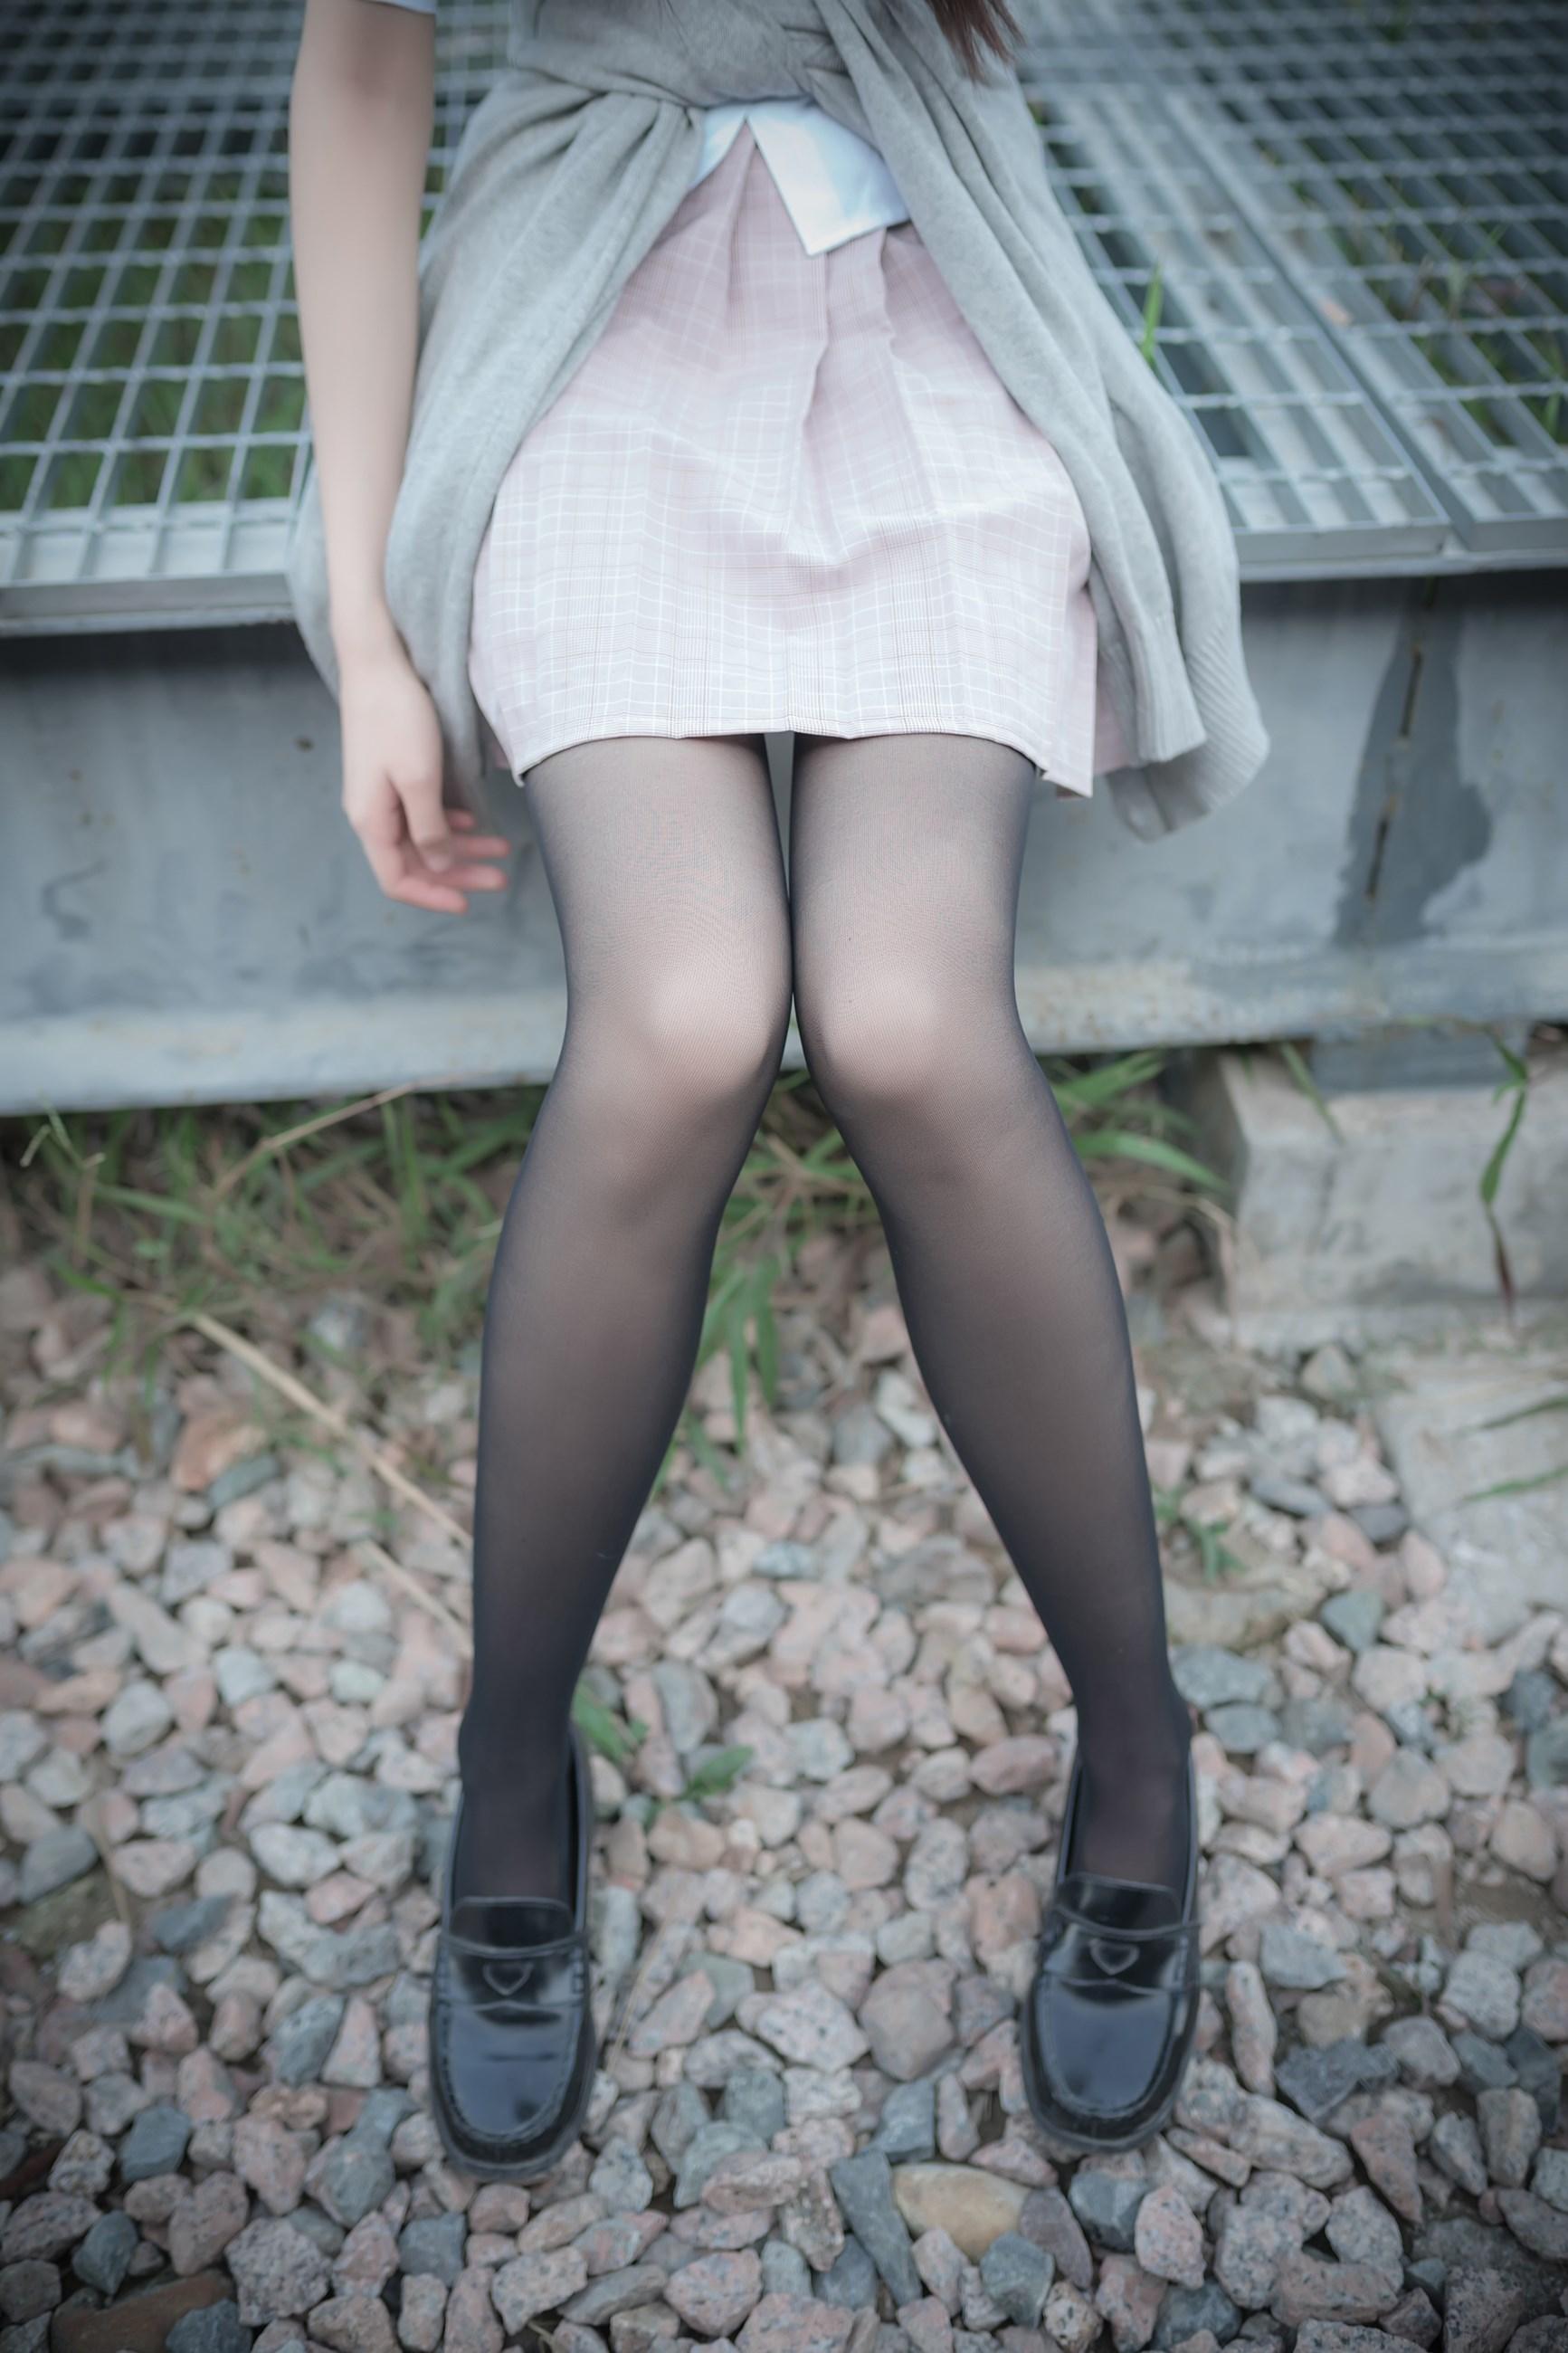 【兔玩映画】铁轨旁的小细腿 兔玩映画 第24张